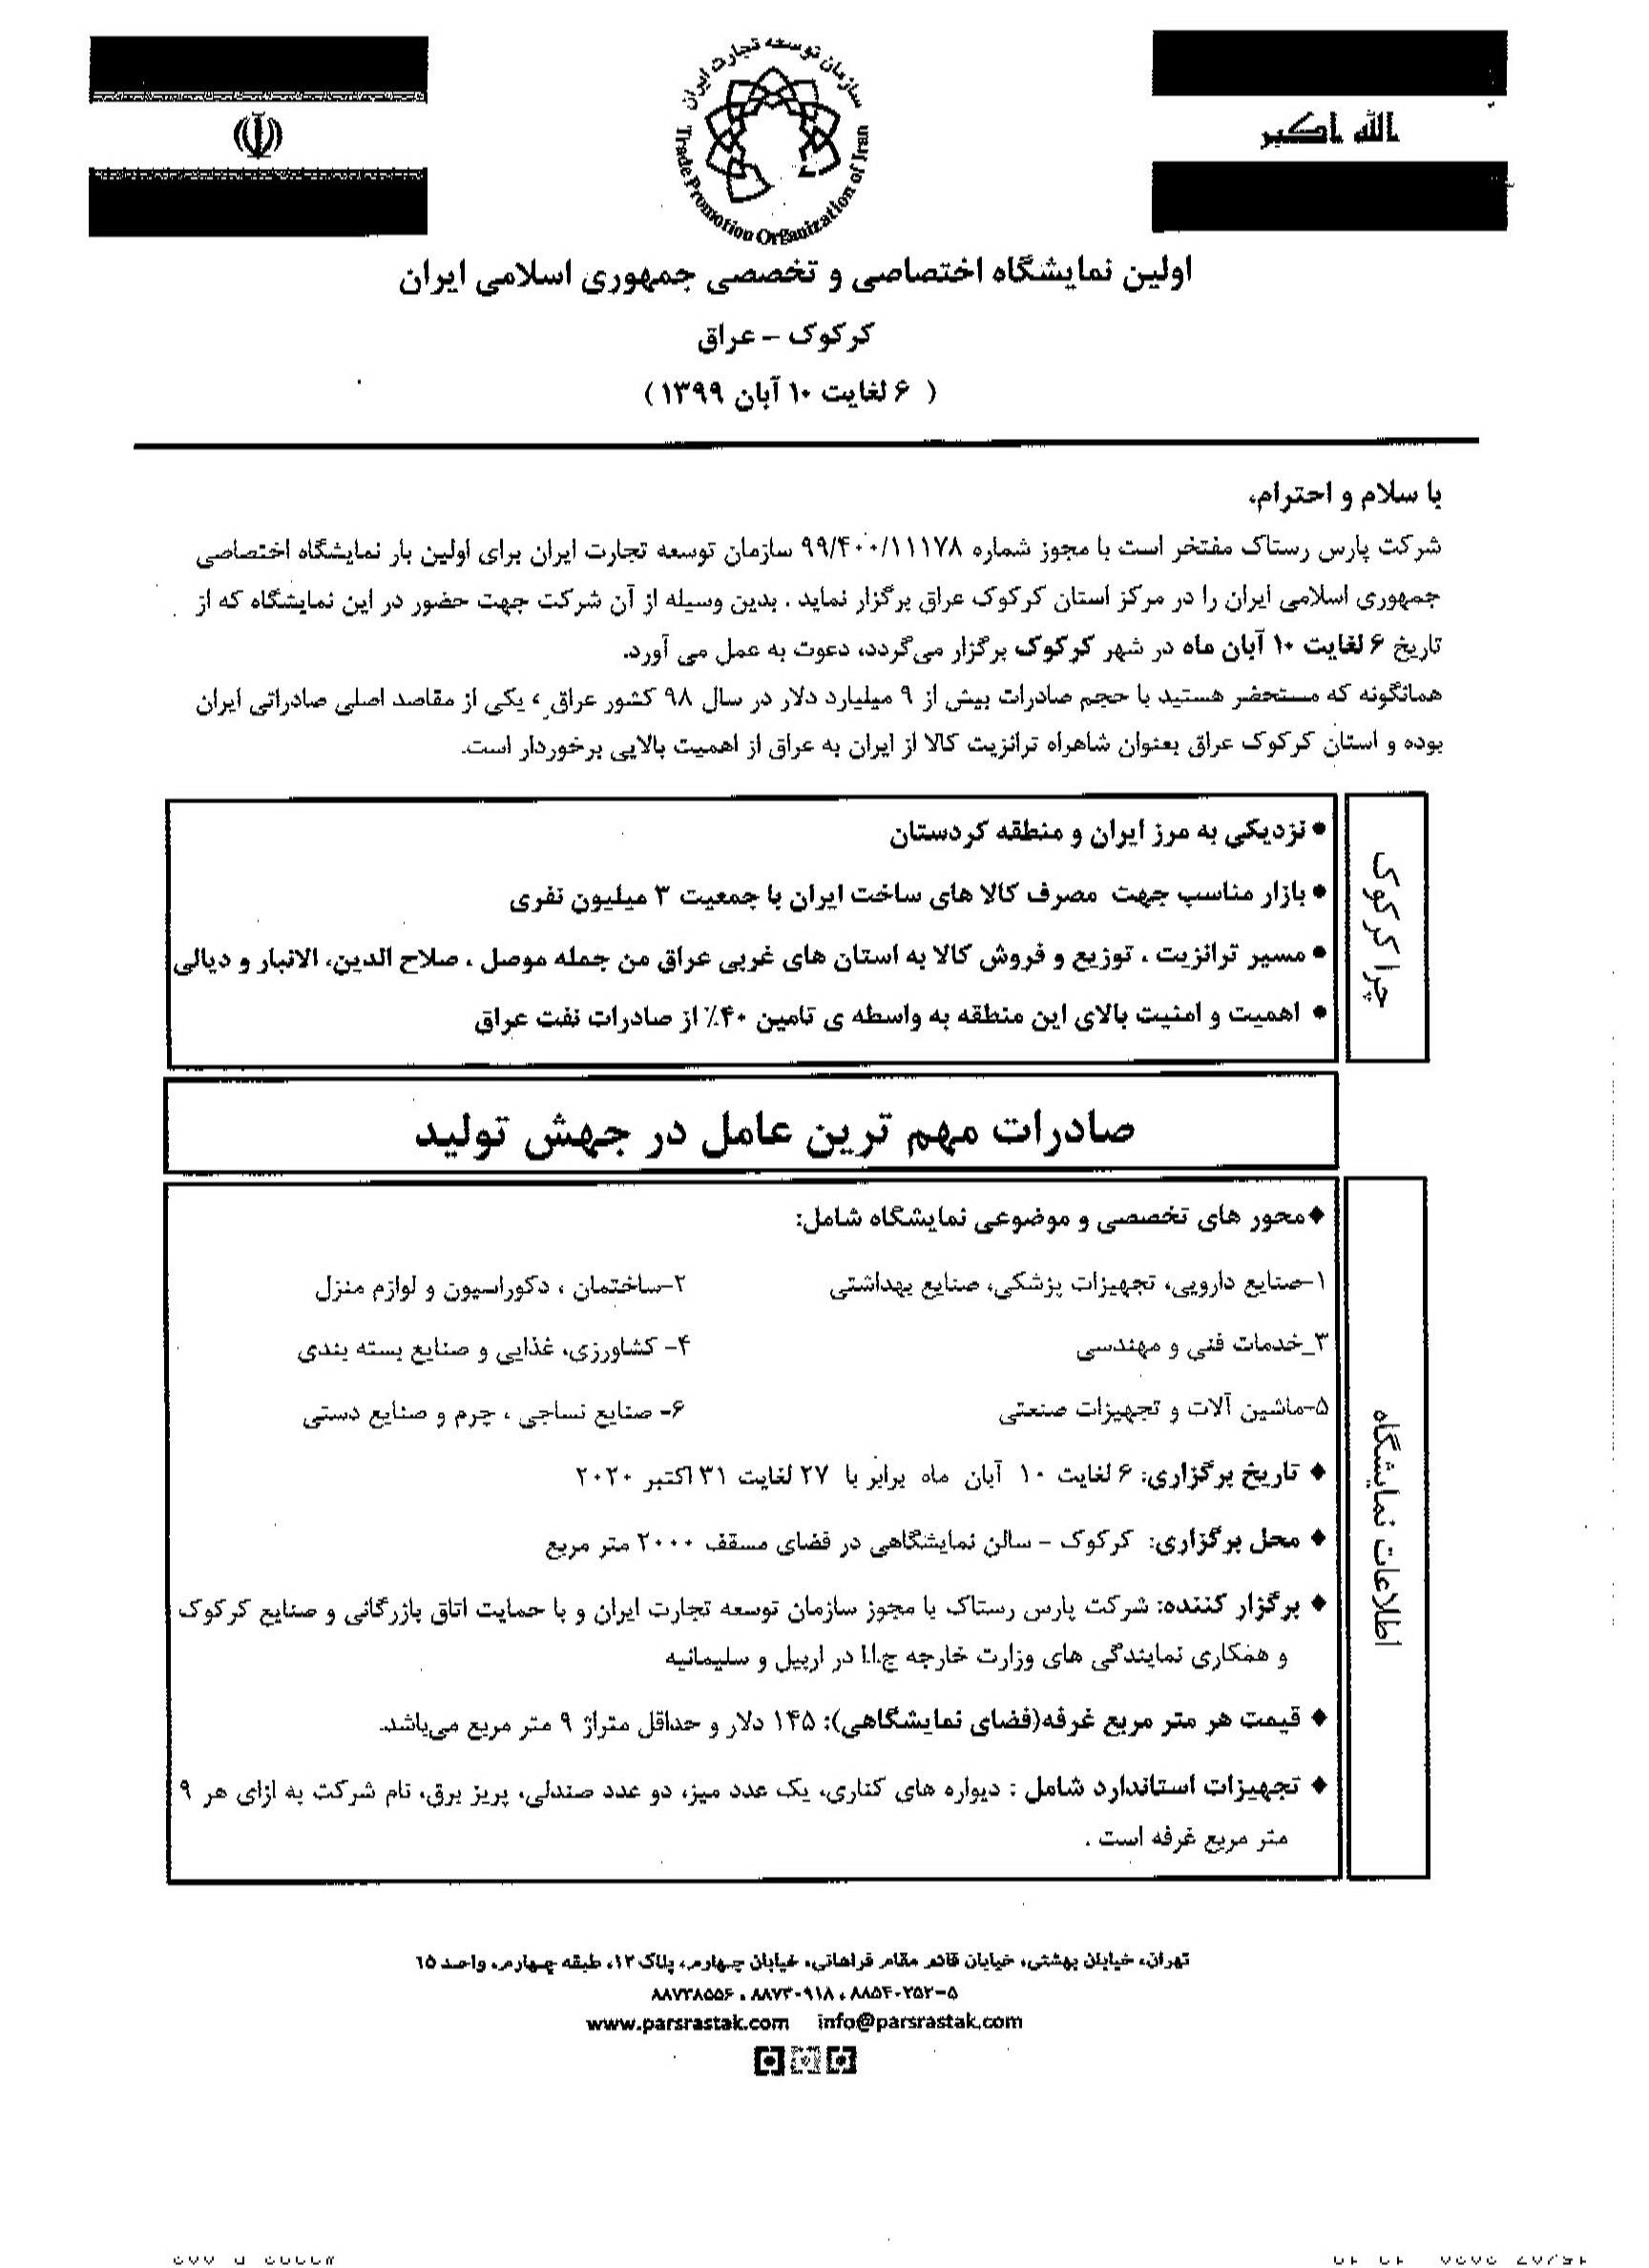 نمایشگاه اختصاصی جمهوری اسلامی ایران در کرکوک_عراق